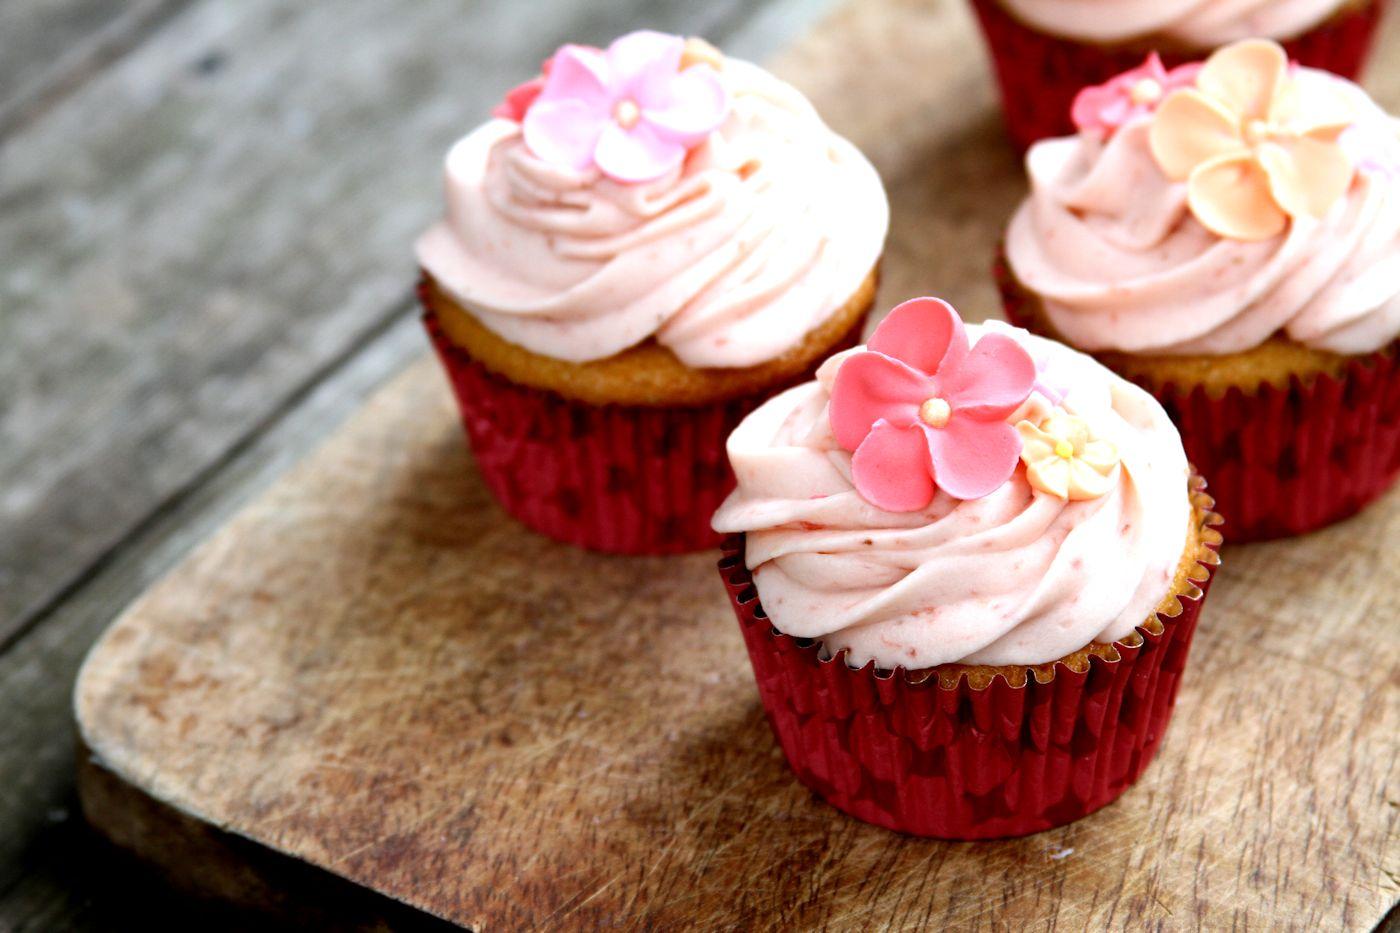 StrawberryShortcakeCupcakes-medium2